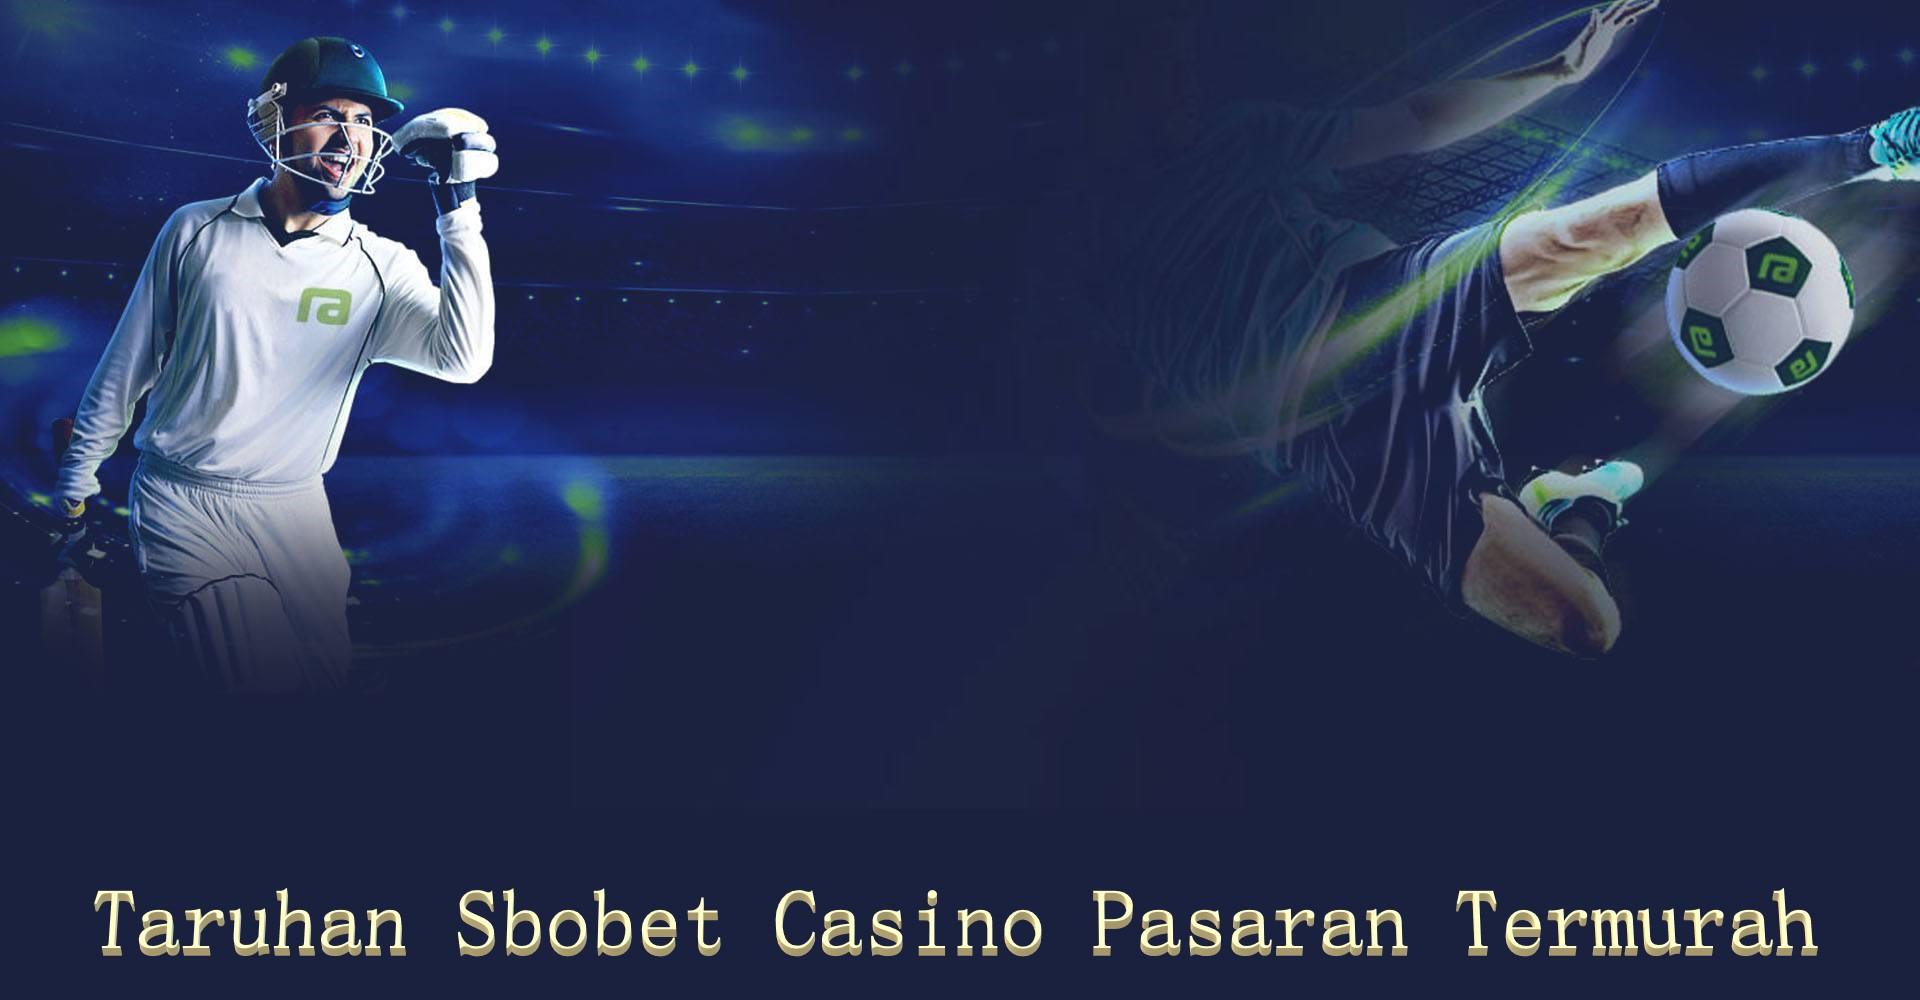 Pasaran Sbobet Casino Termurah